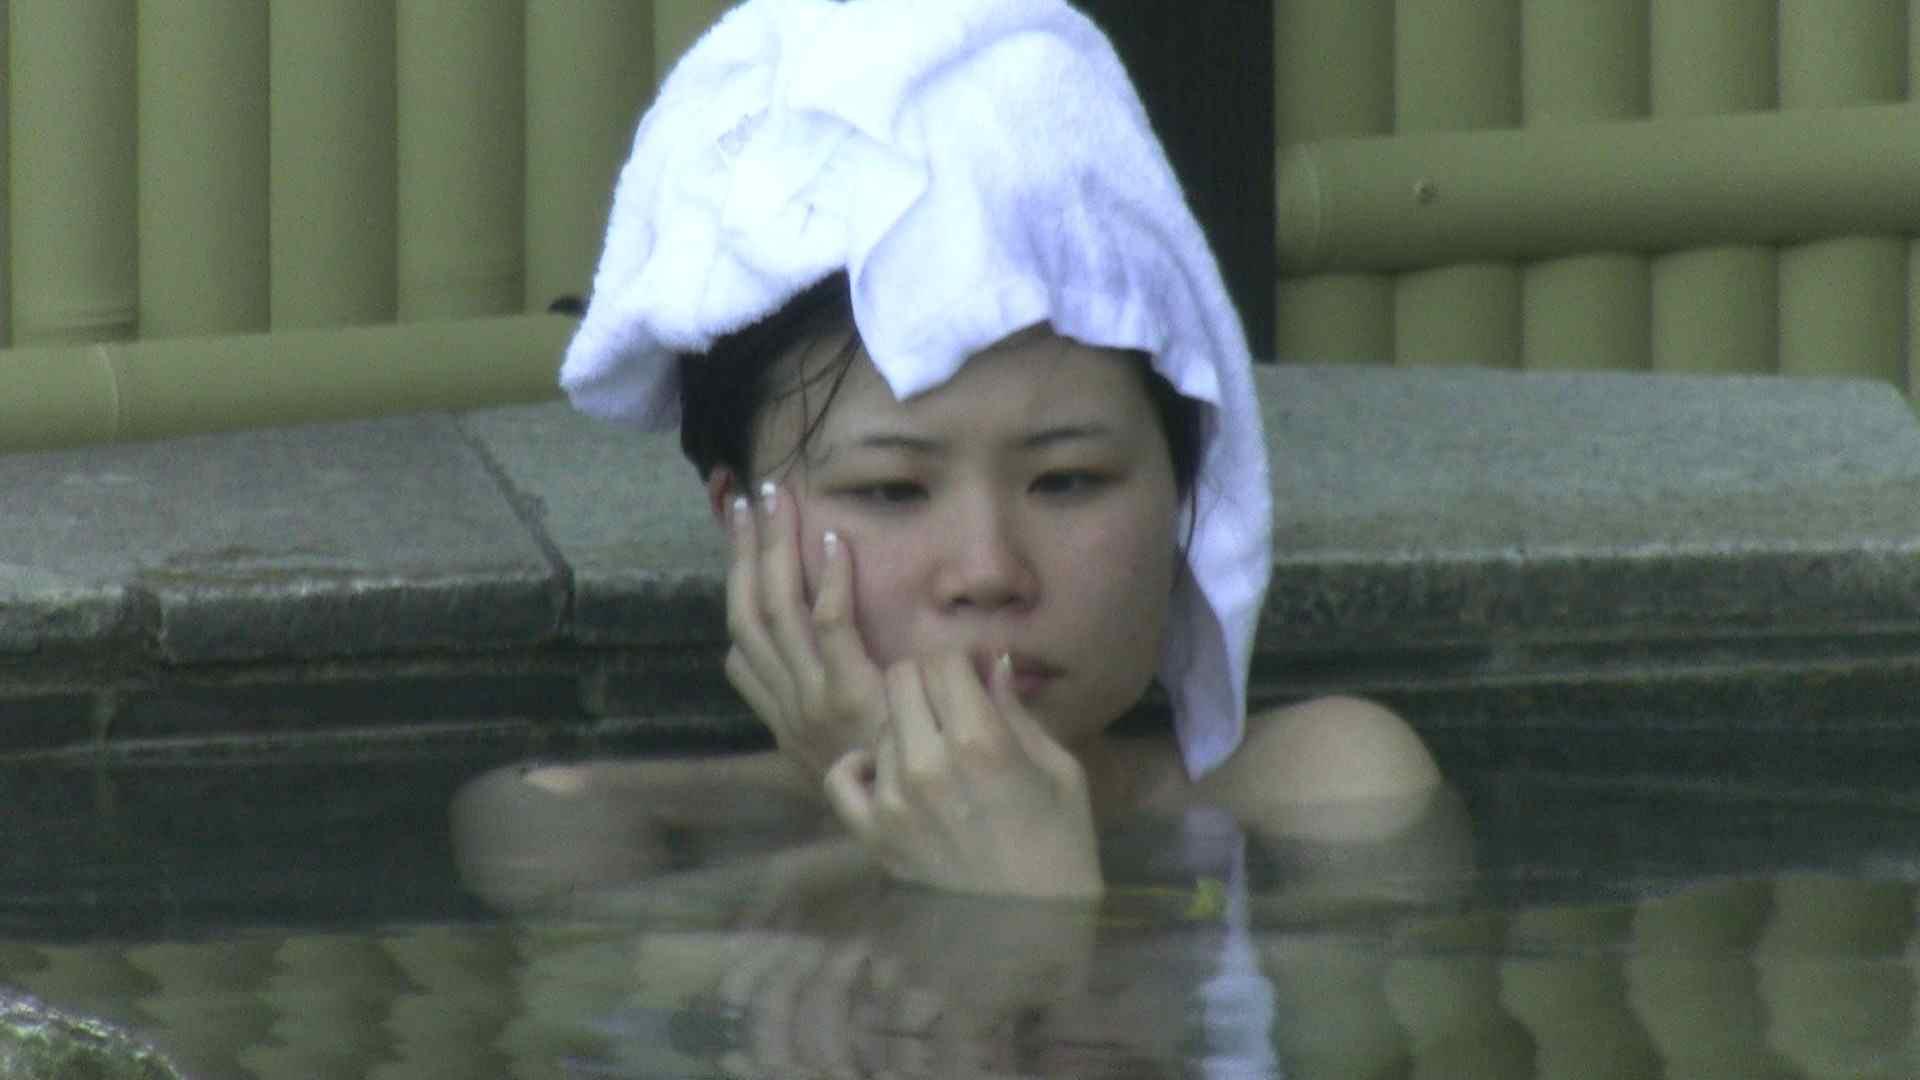 Aquaな露天風呂Vol.183 盗撮  69画像 6